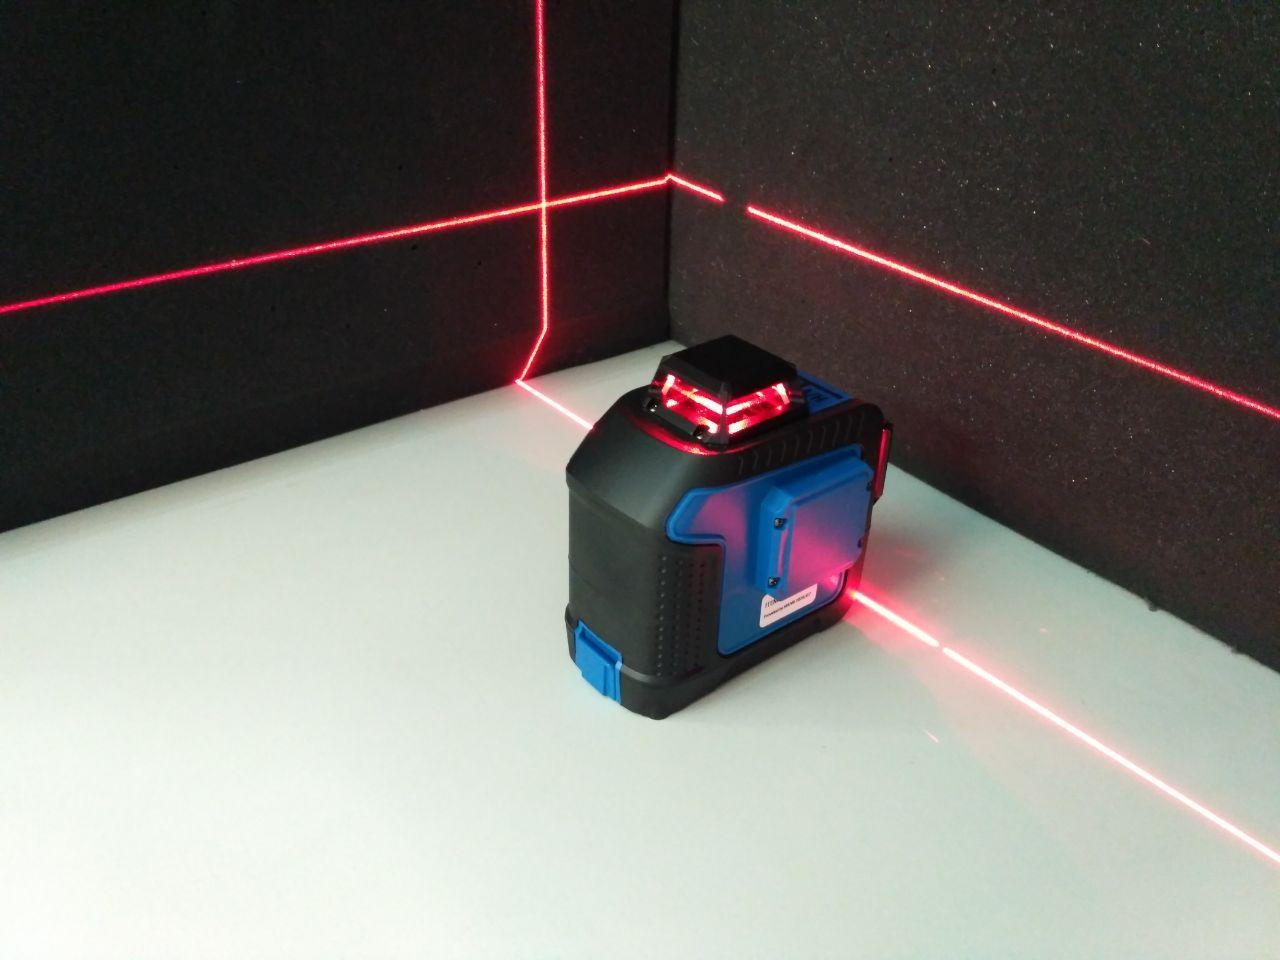 Лазерний рівень нівелір 360 градусів + вертикальна лінія, червоний промінь ORIENT 1V360H-R